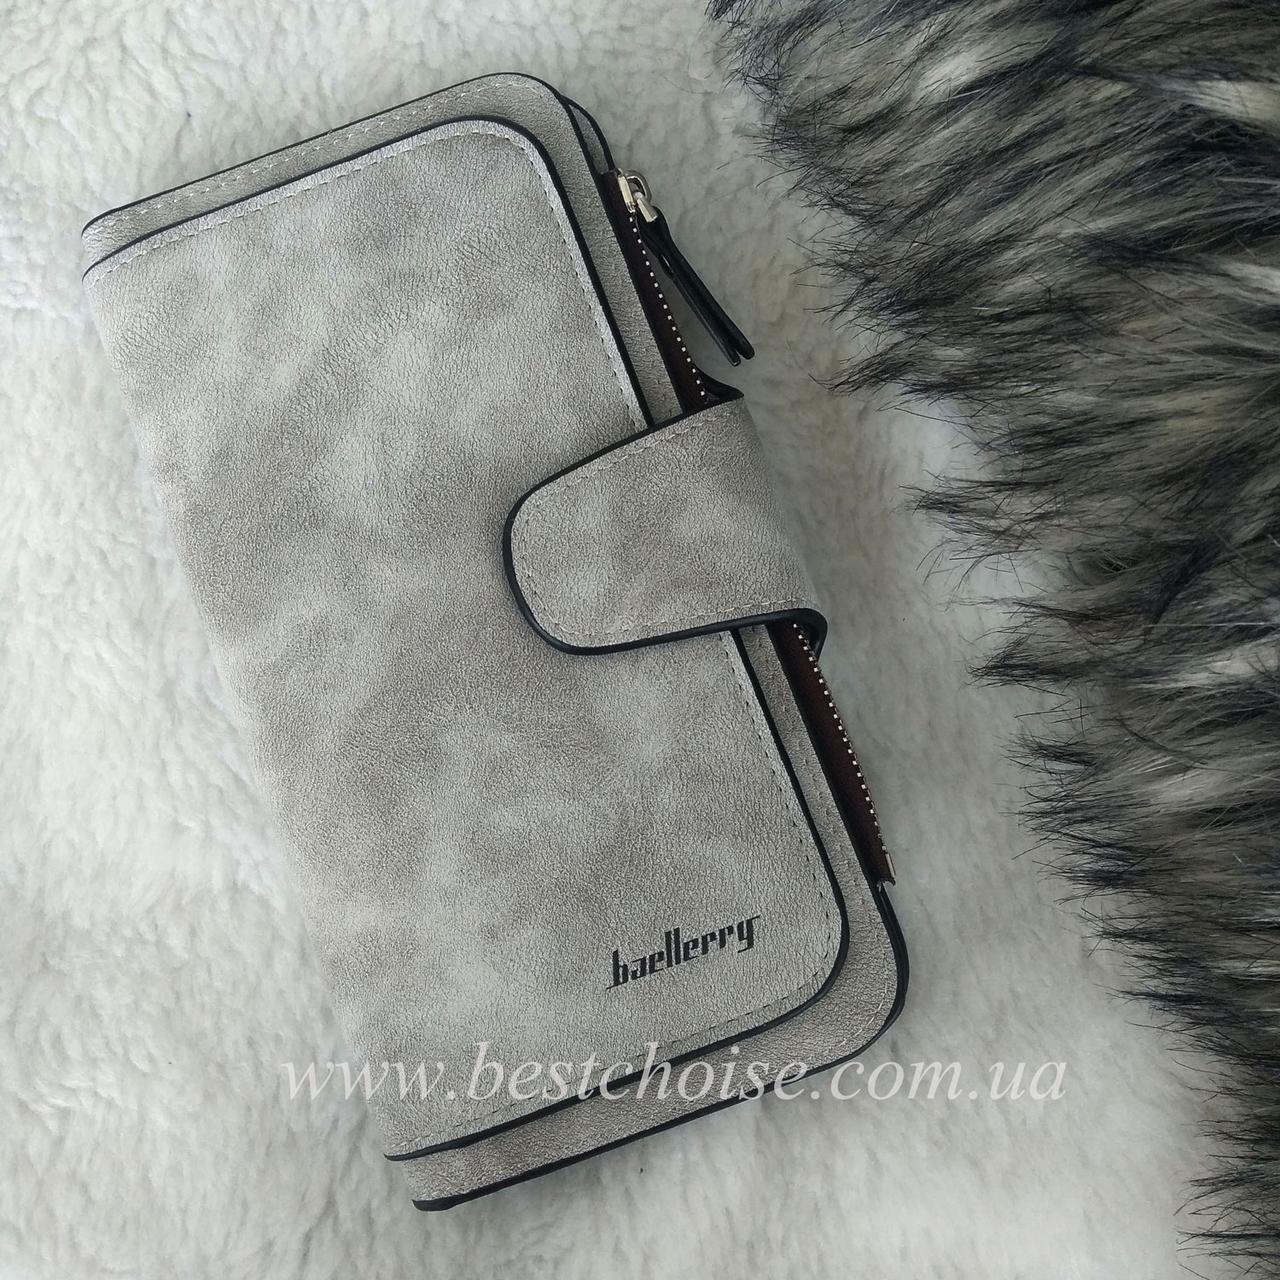 Светло-серый Baellerry Forever. Женский стильный кошелек - клатч из эко-замши.